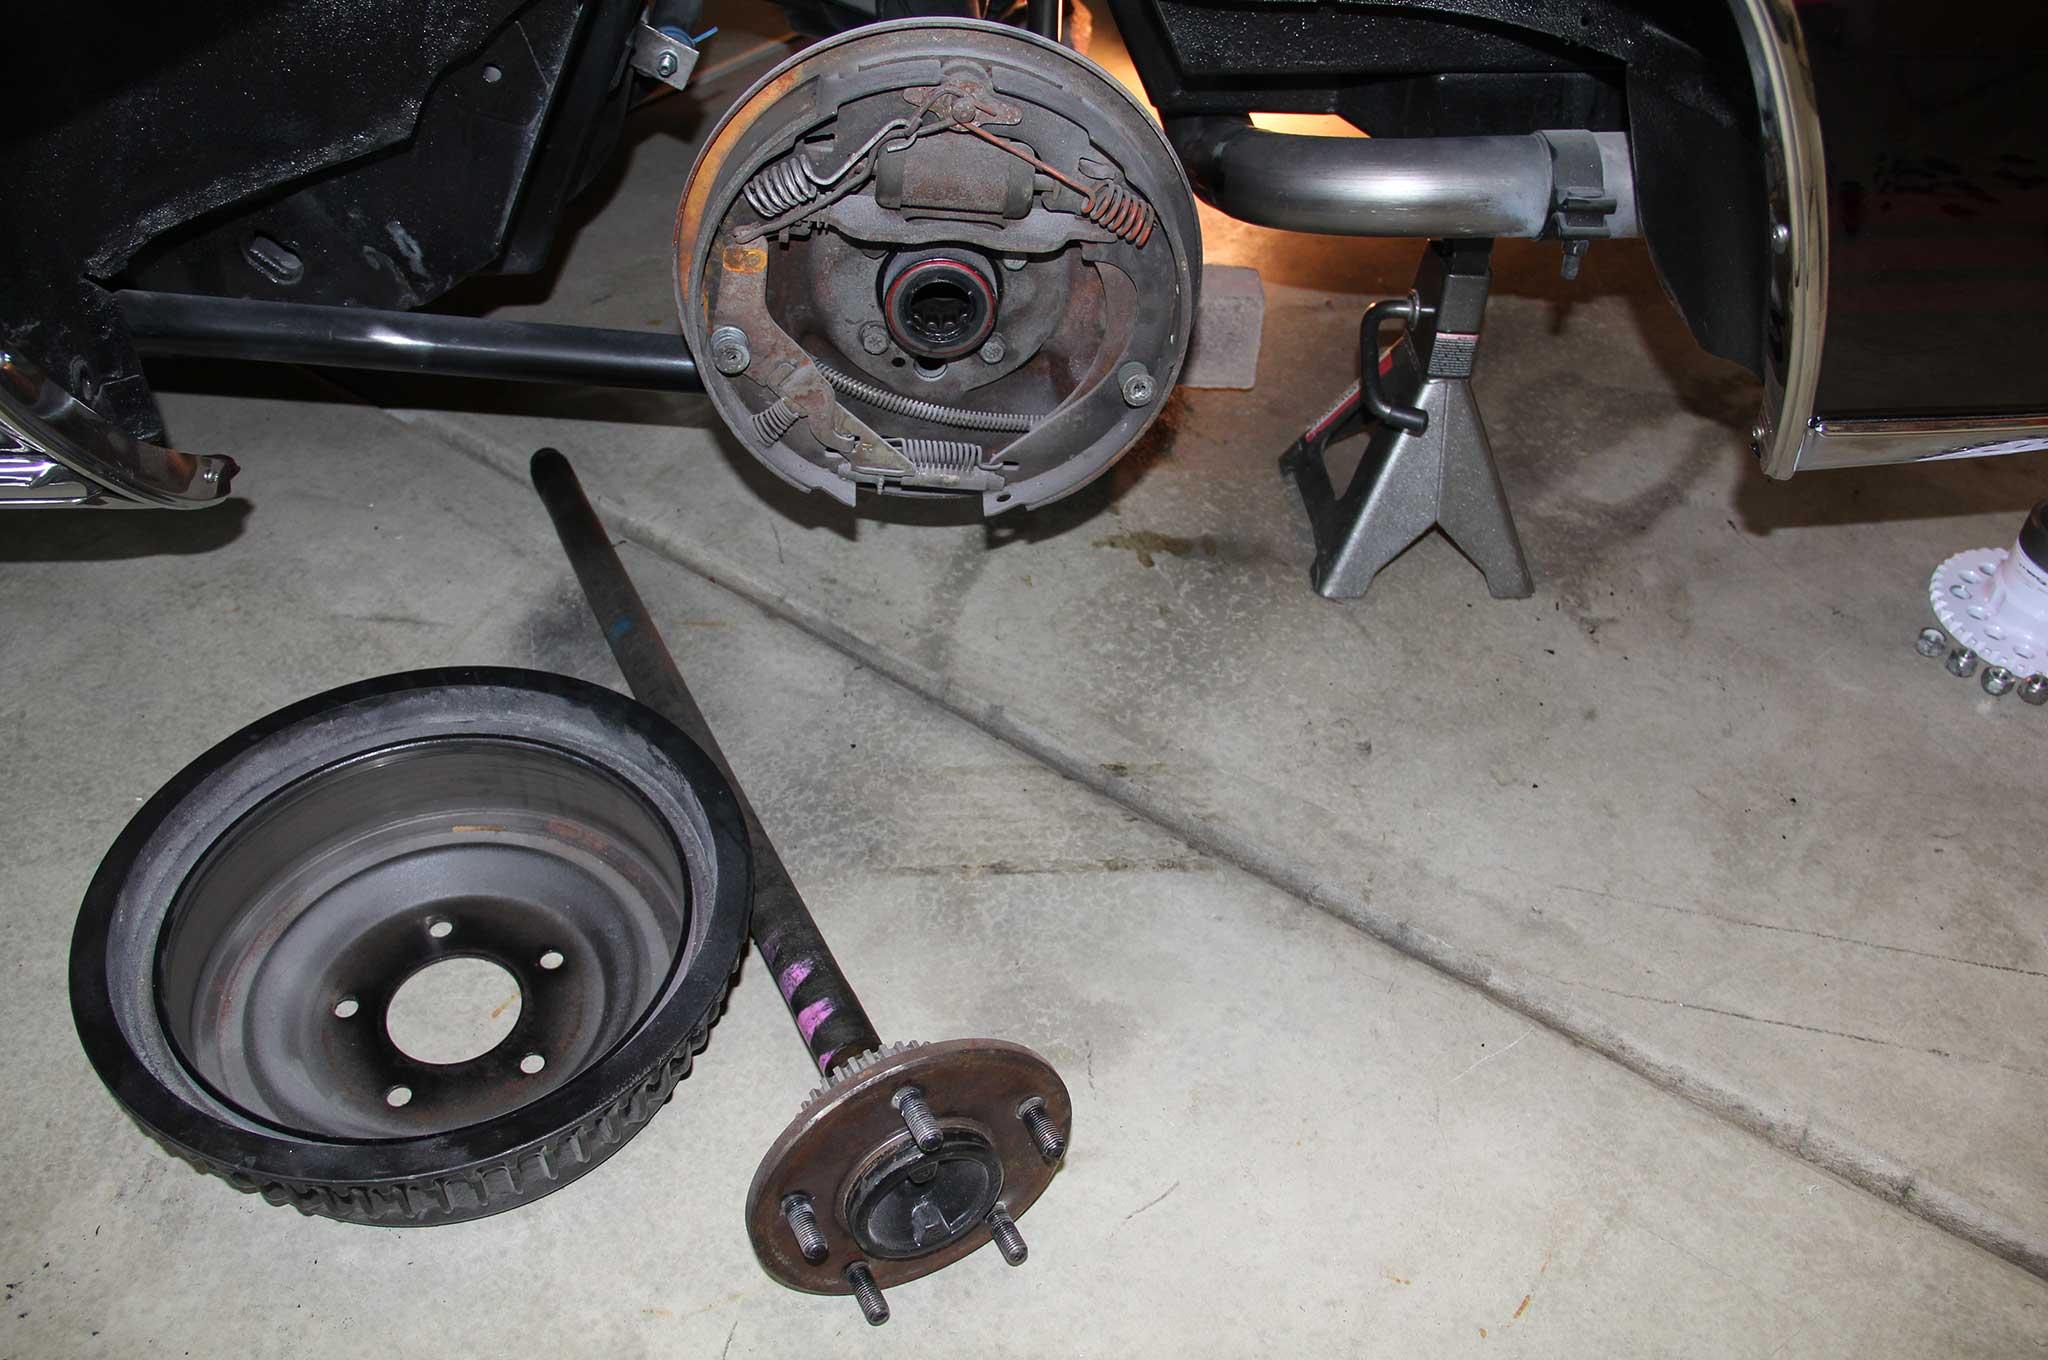 Gm Model Drum To Disc Brake Conversion Rear Shoe Diagram Chevelle Tech 7 12